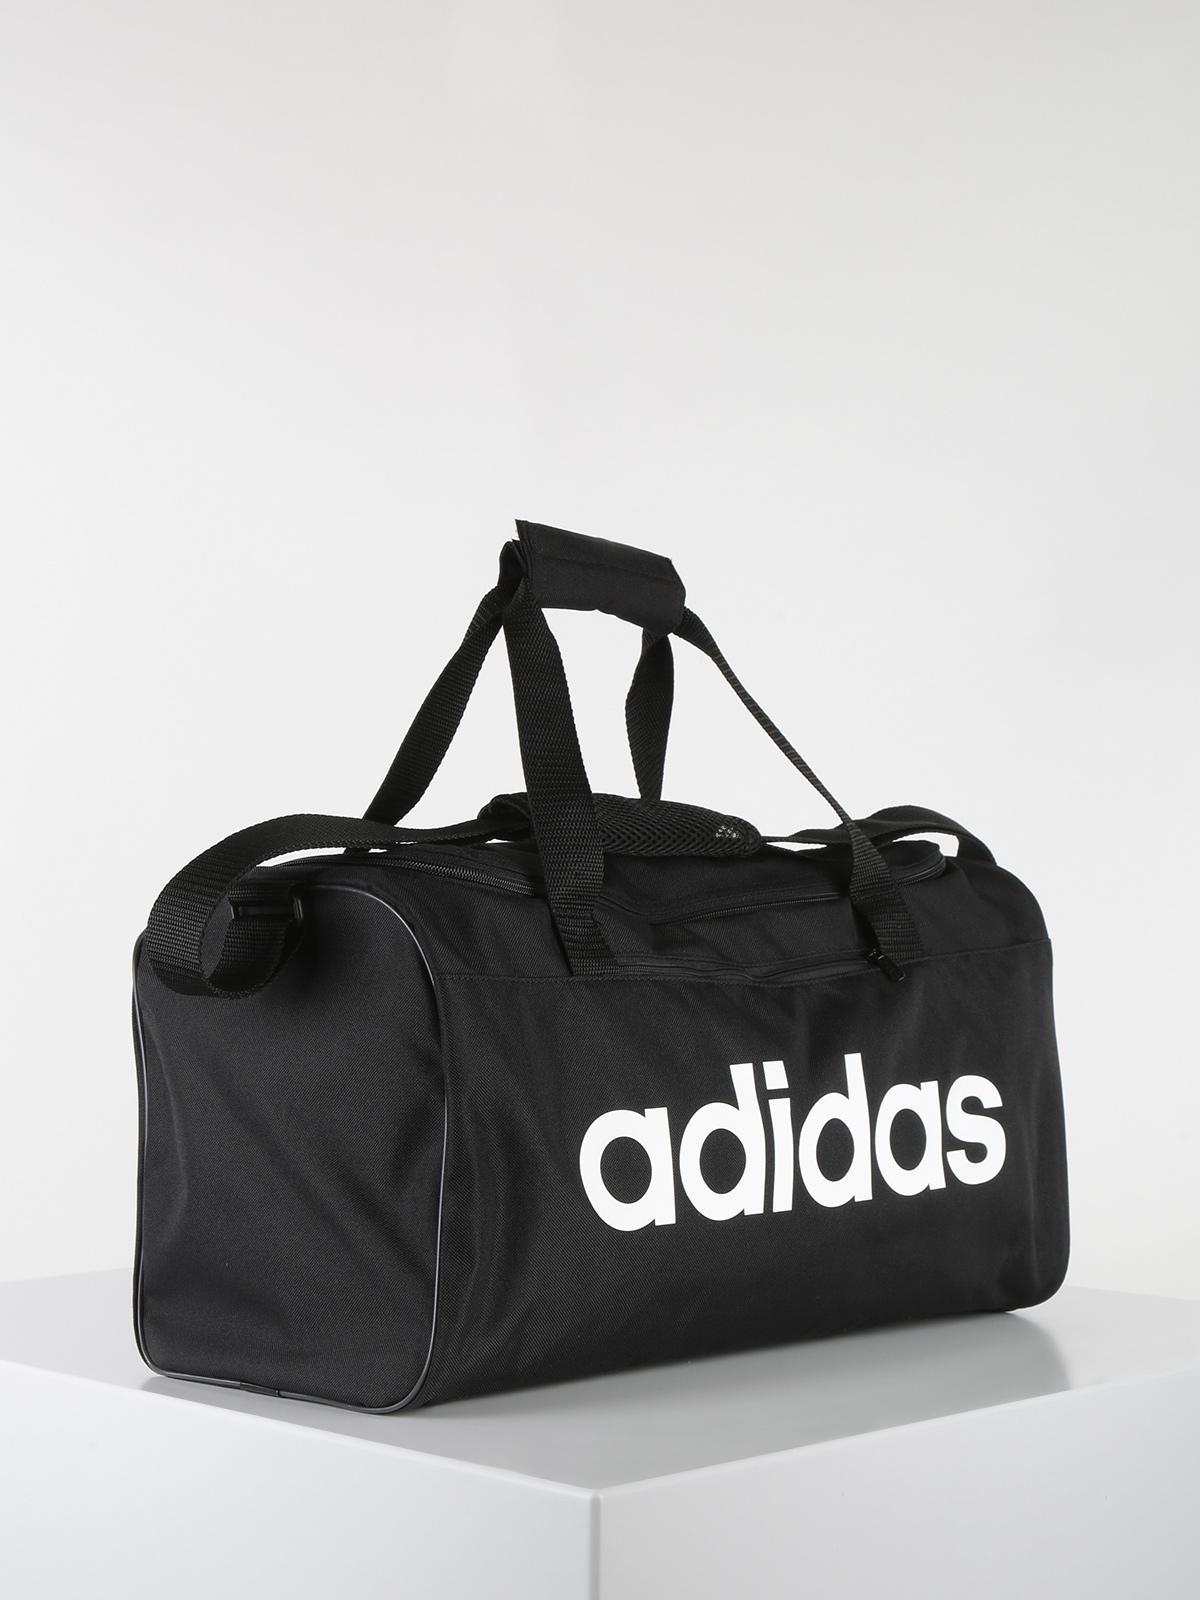 Adidas Linear Core Duffel Bag XS ab 11,99 € | Preisvergleich